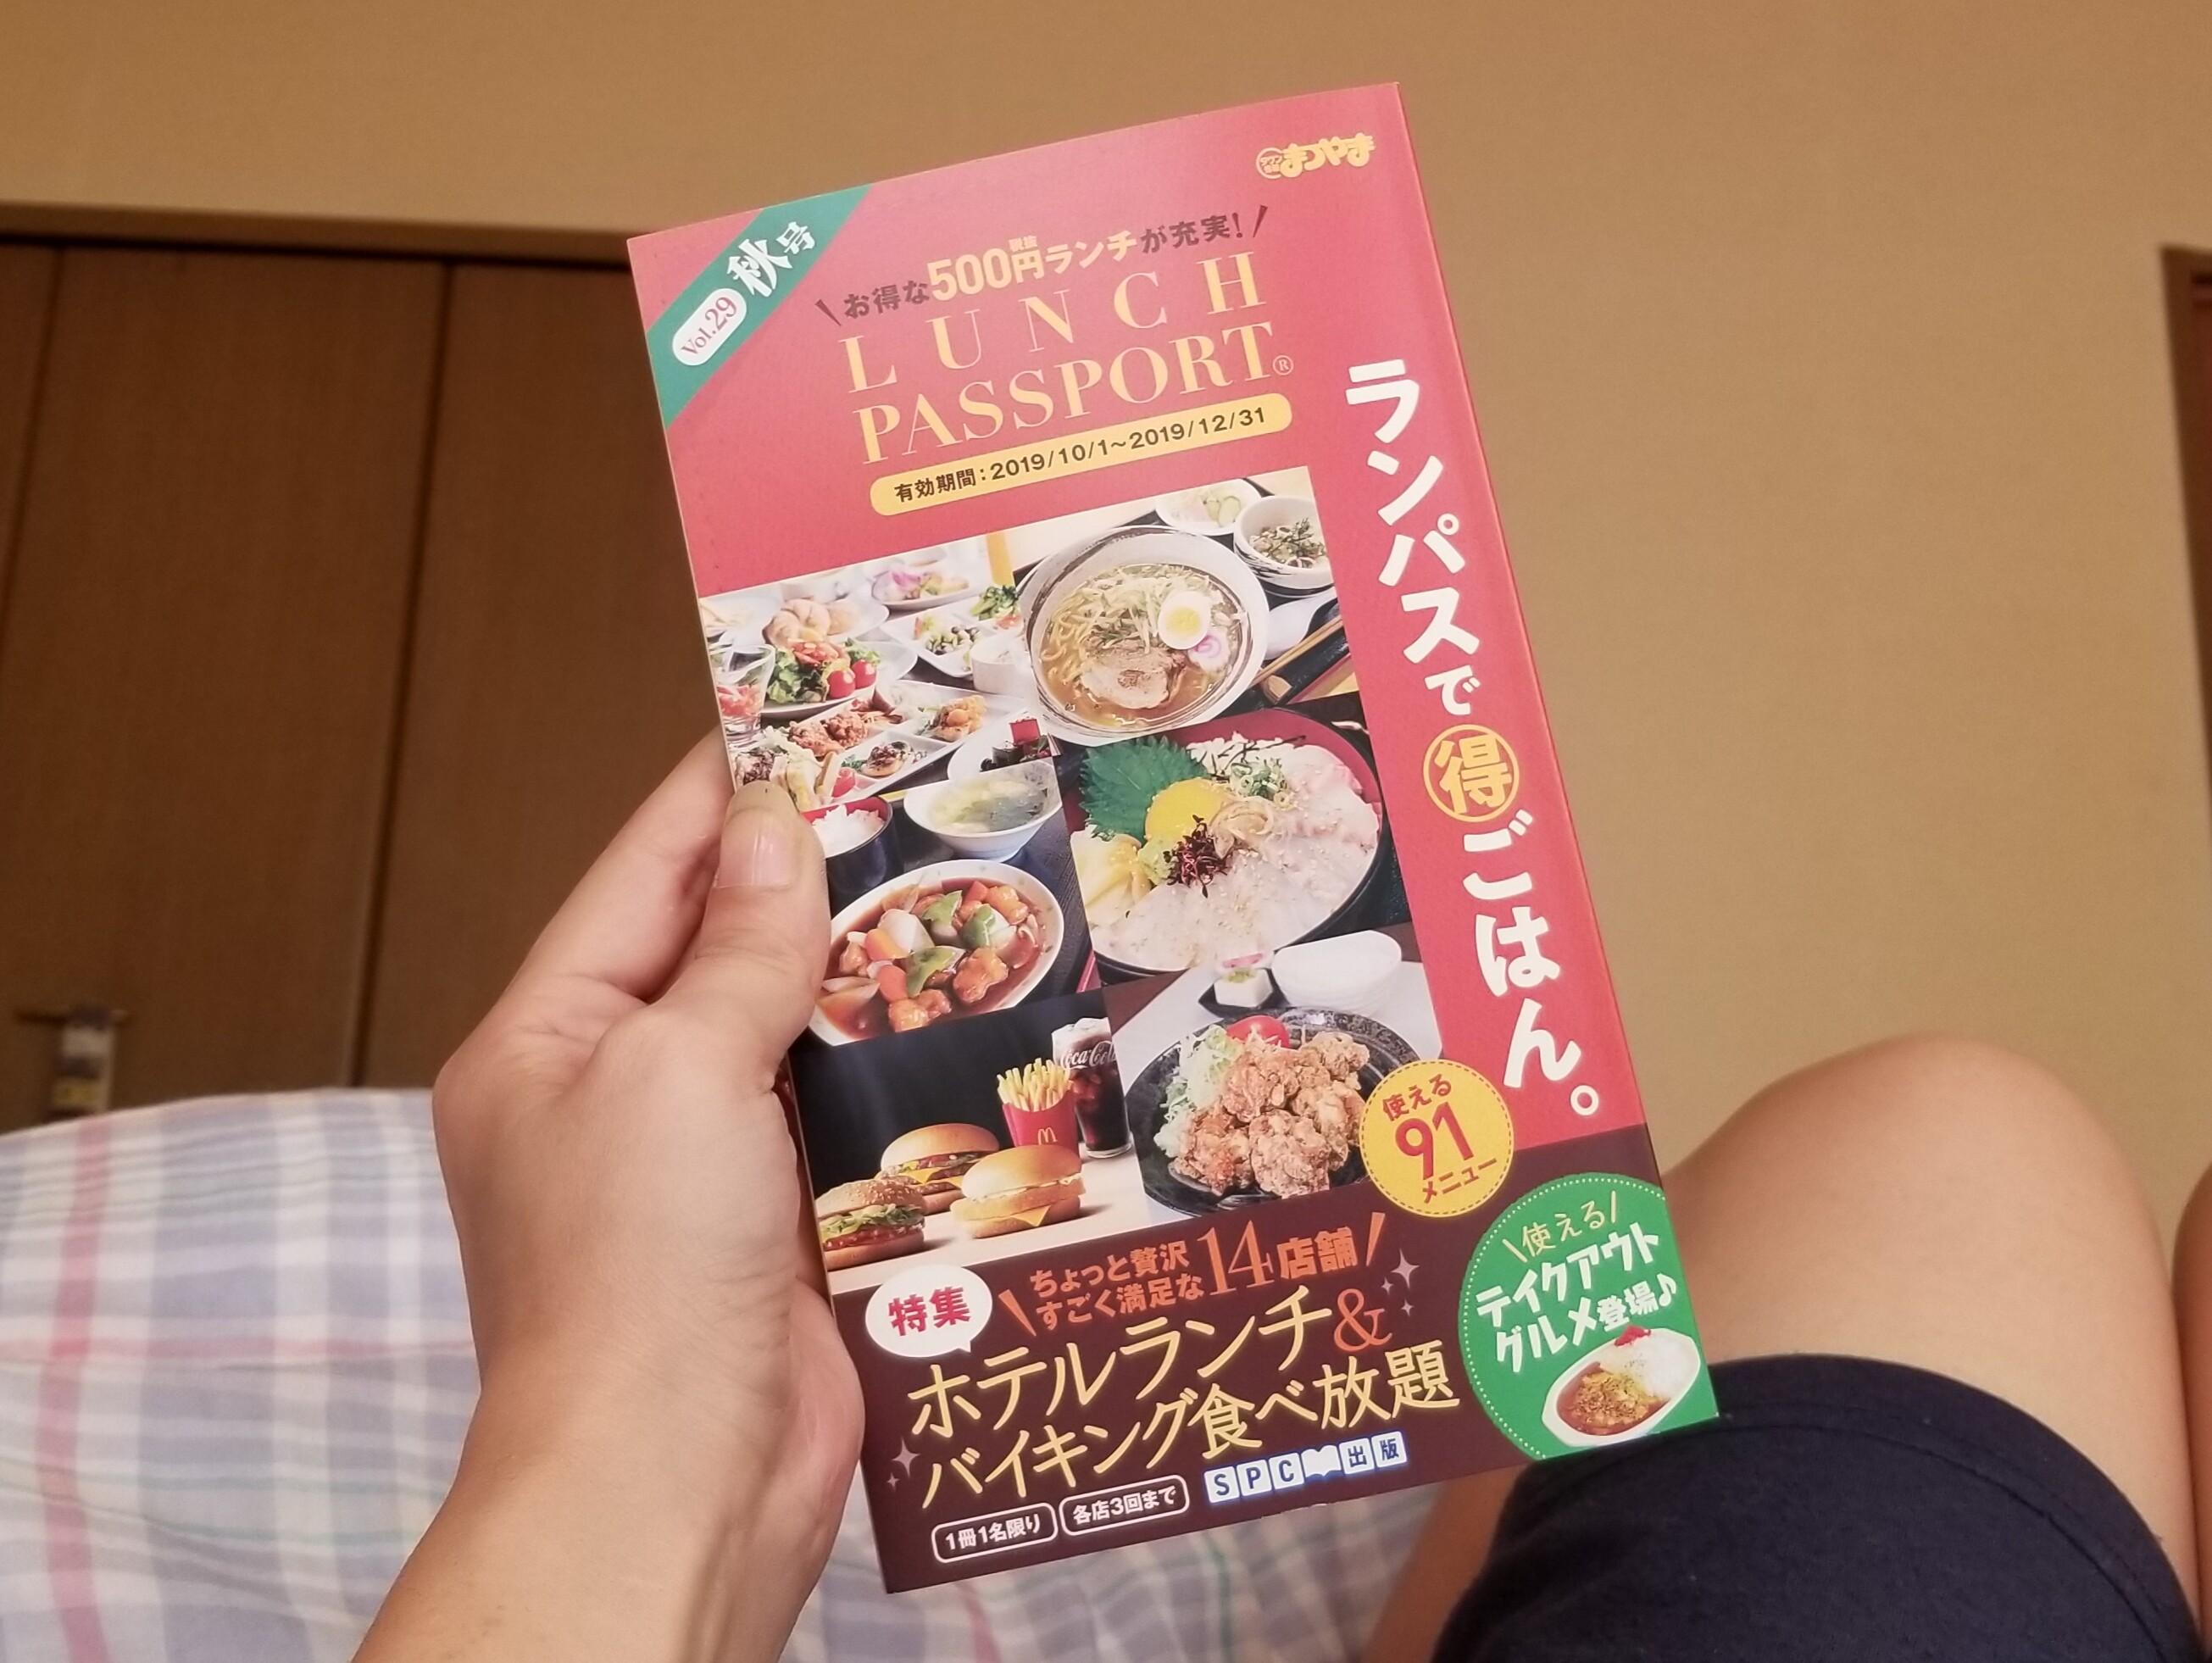 愛媛県松山市おいしいランチおすすめ本ランチパスポートグルメ巡り